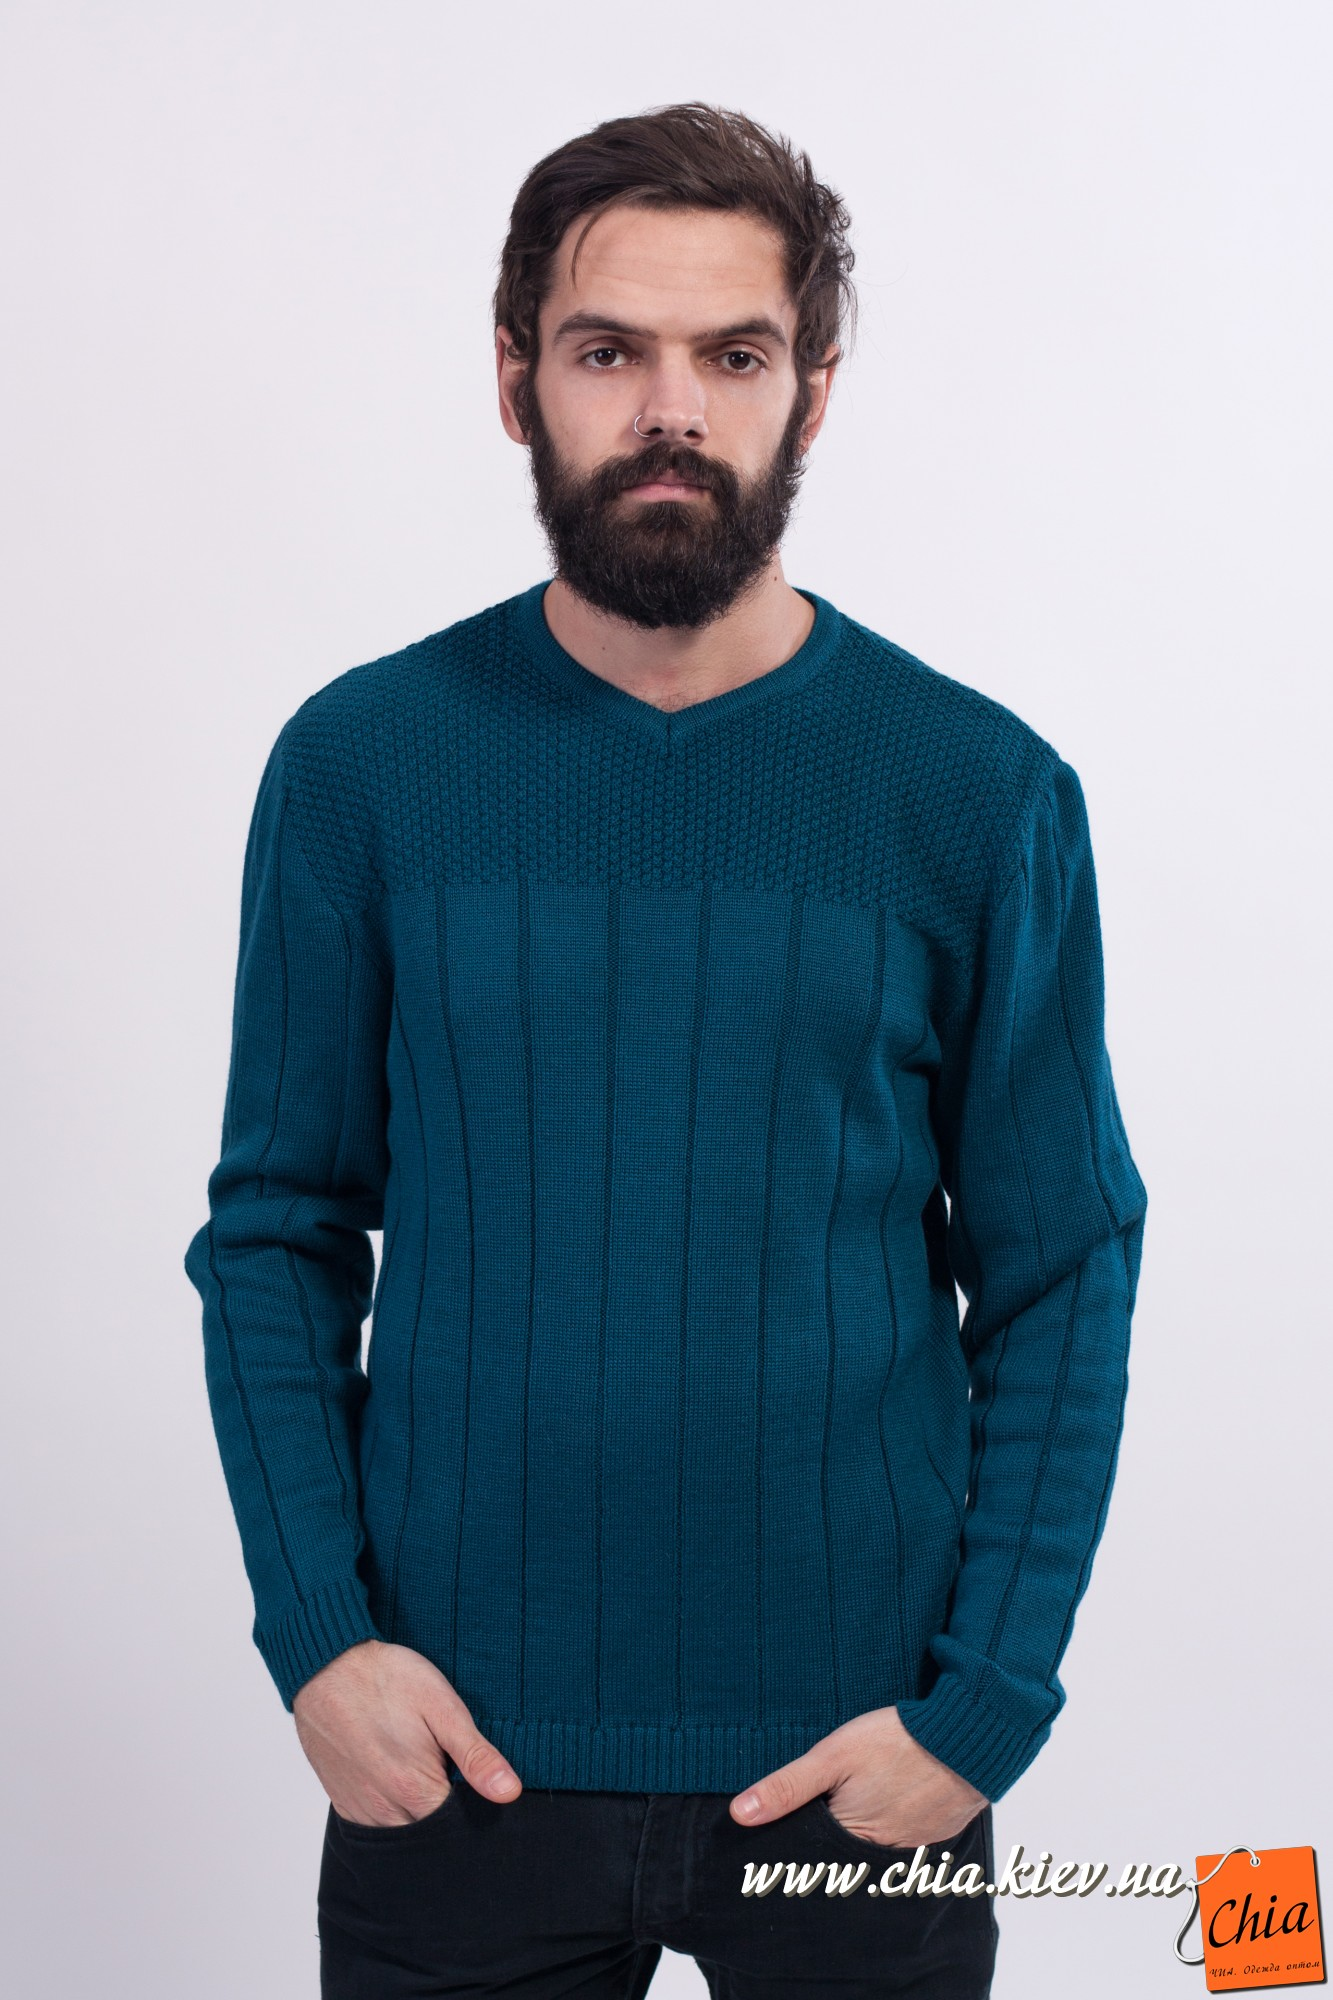 Кофты свитера мужские с доставкой